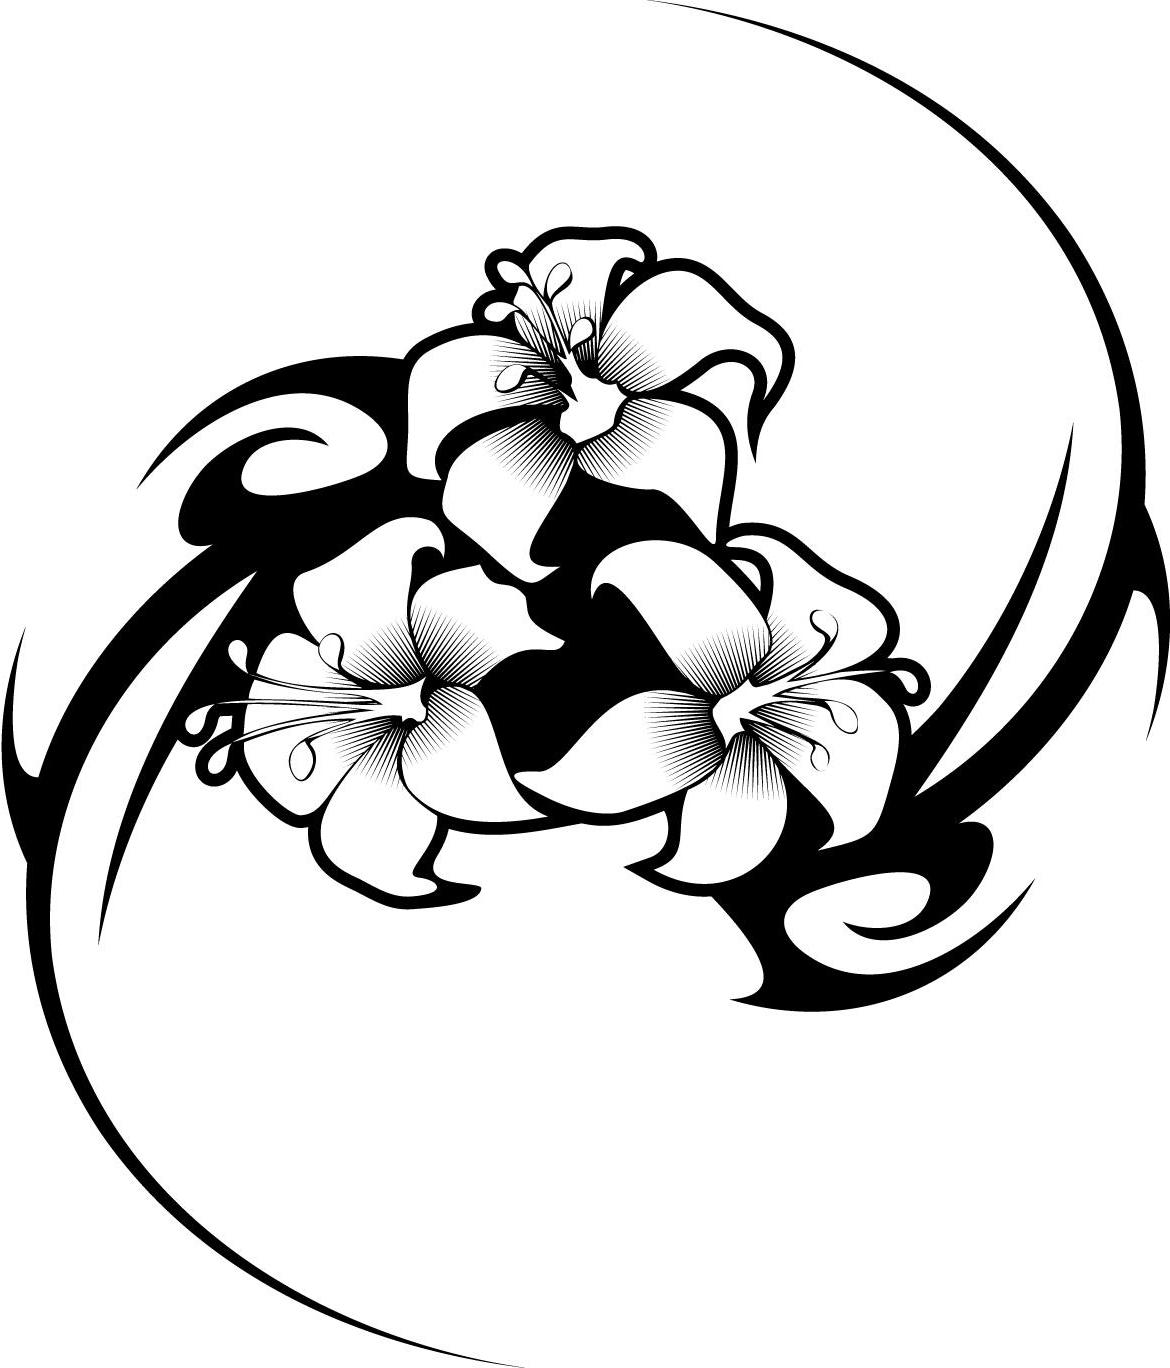 1170x1368 Hawaiian Tribal Flower Tattoos Tattoo Art Coloring Pages, Tribal